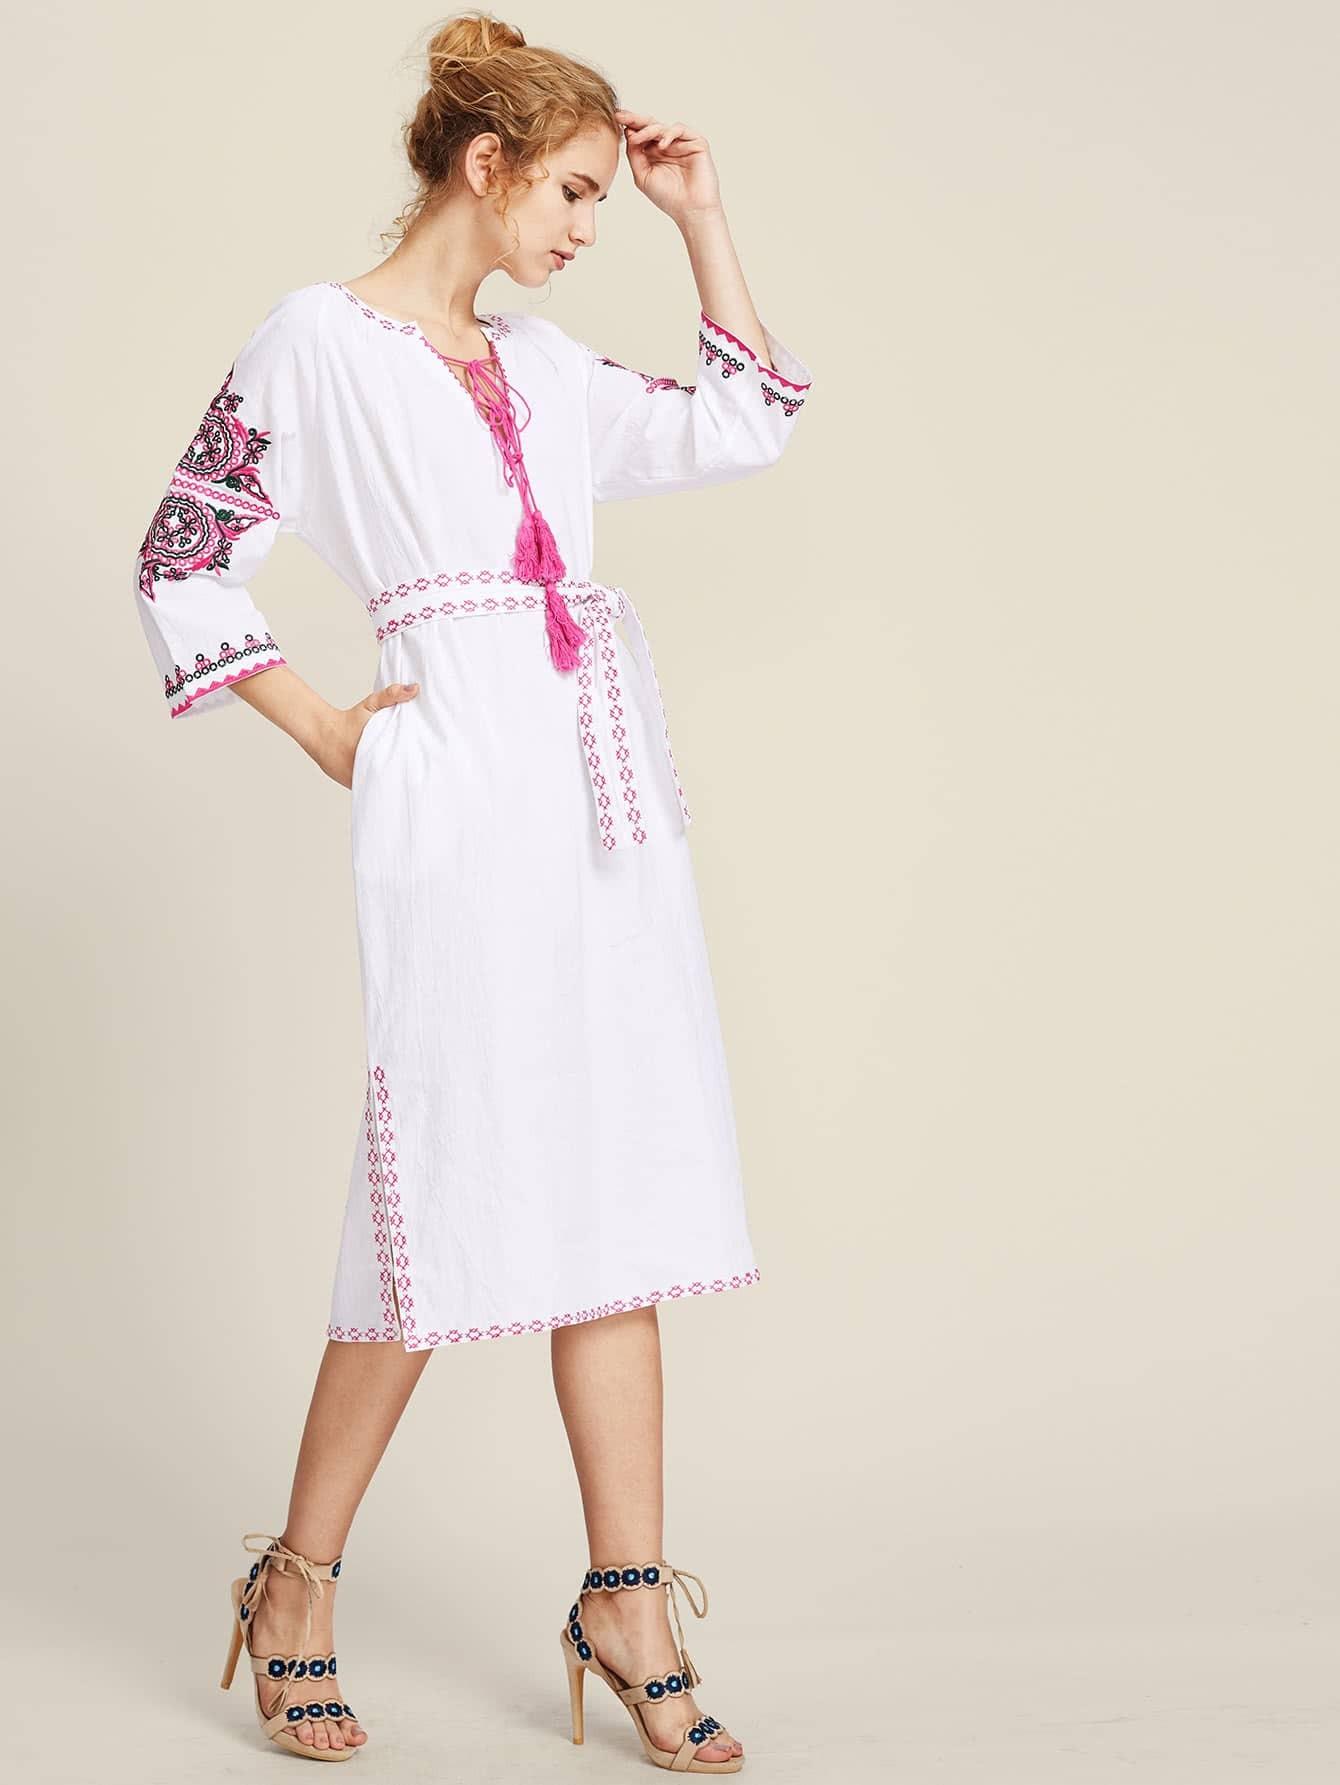 dress170524004_2